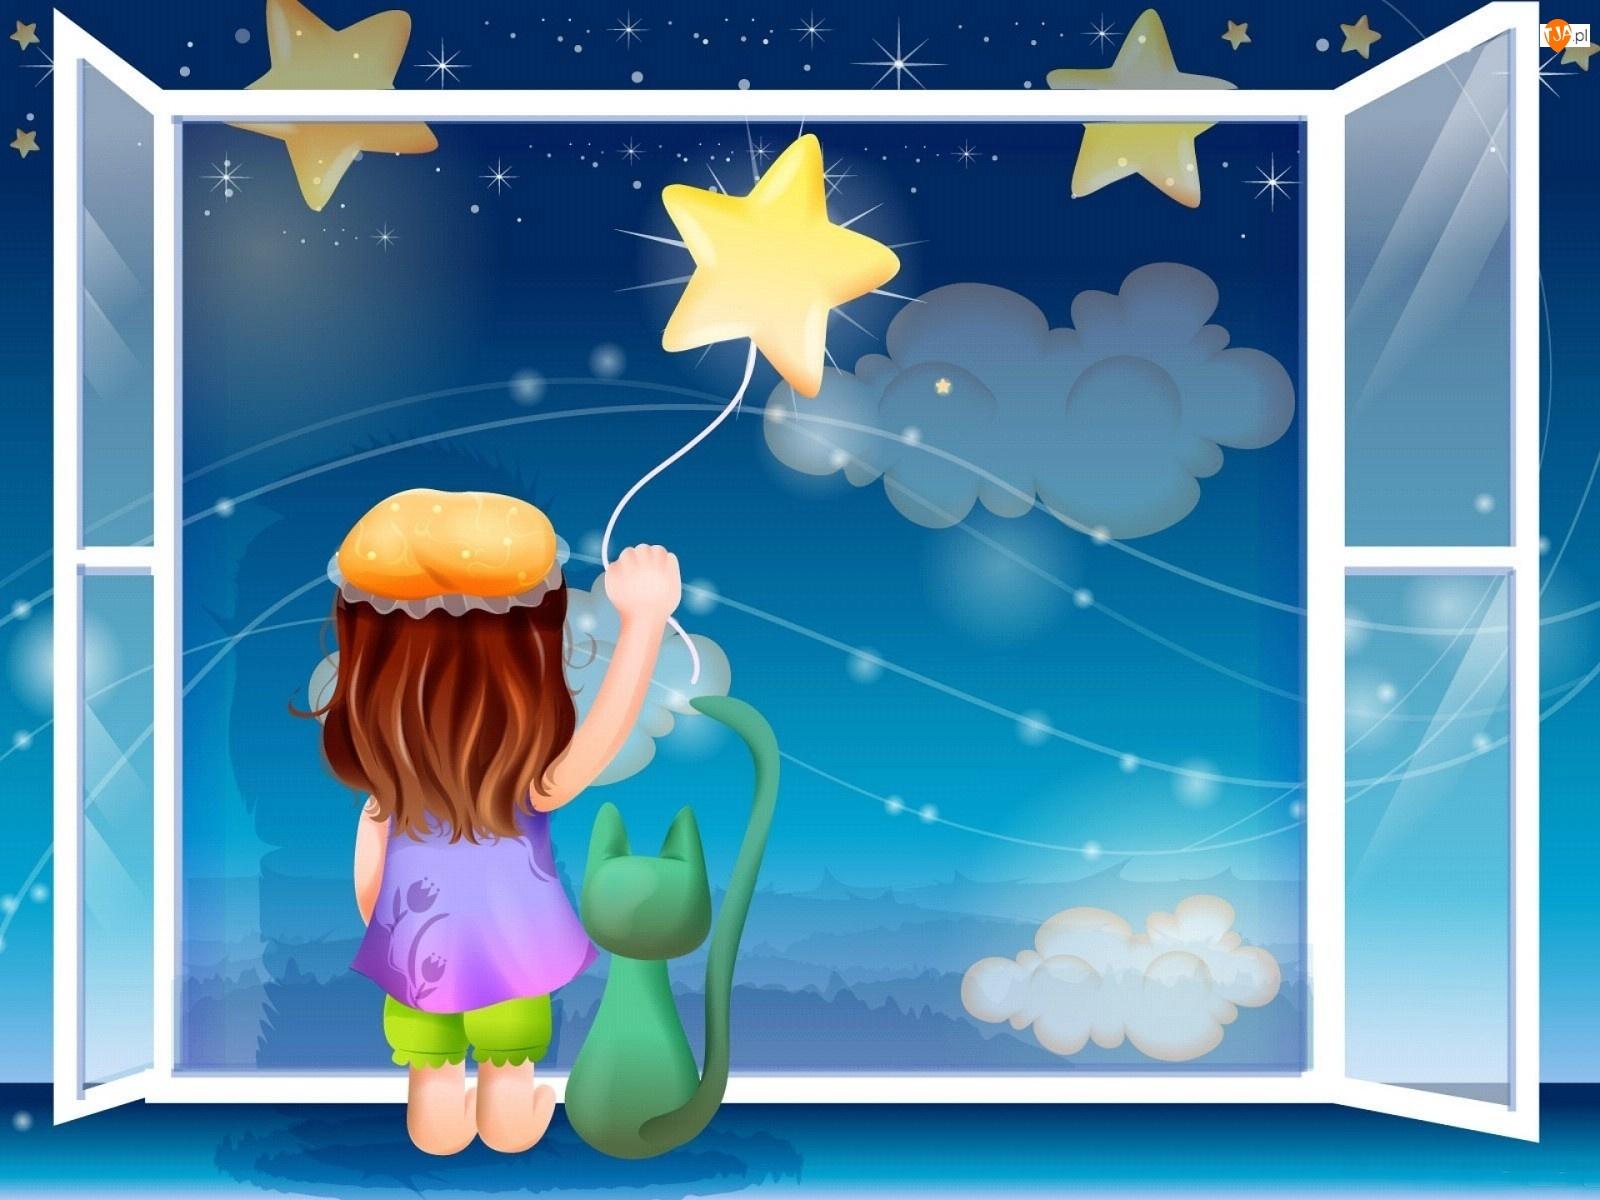 Gwiazdy, Dziecko, Okno, Kot, Noc